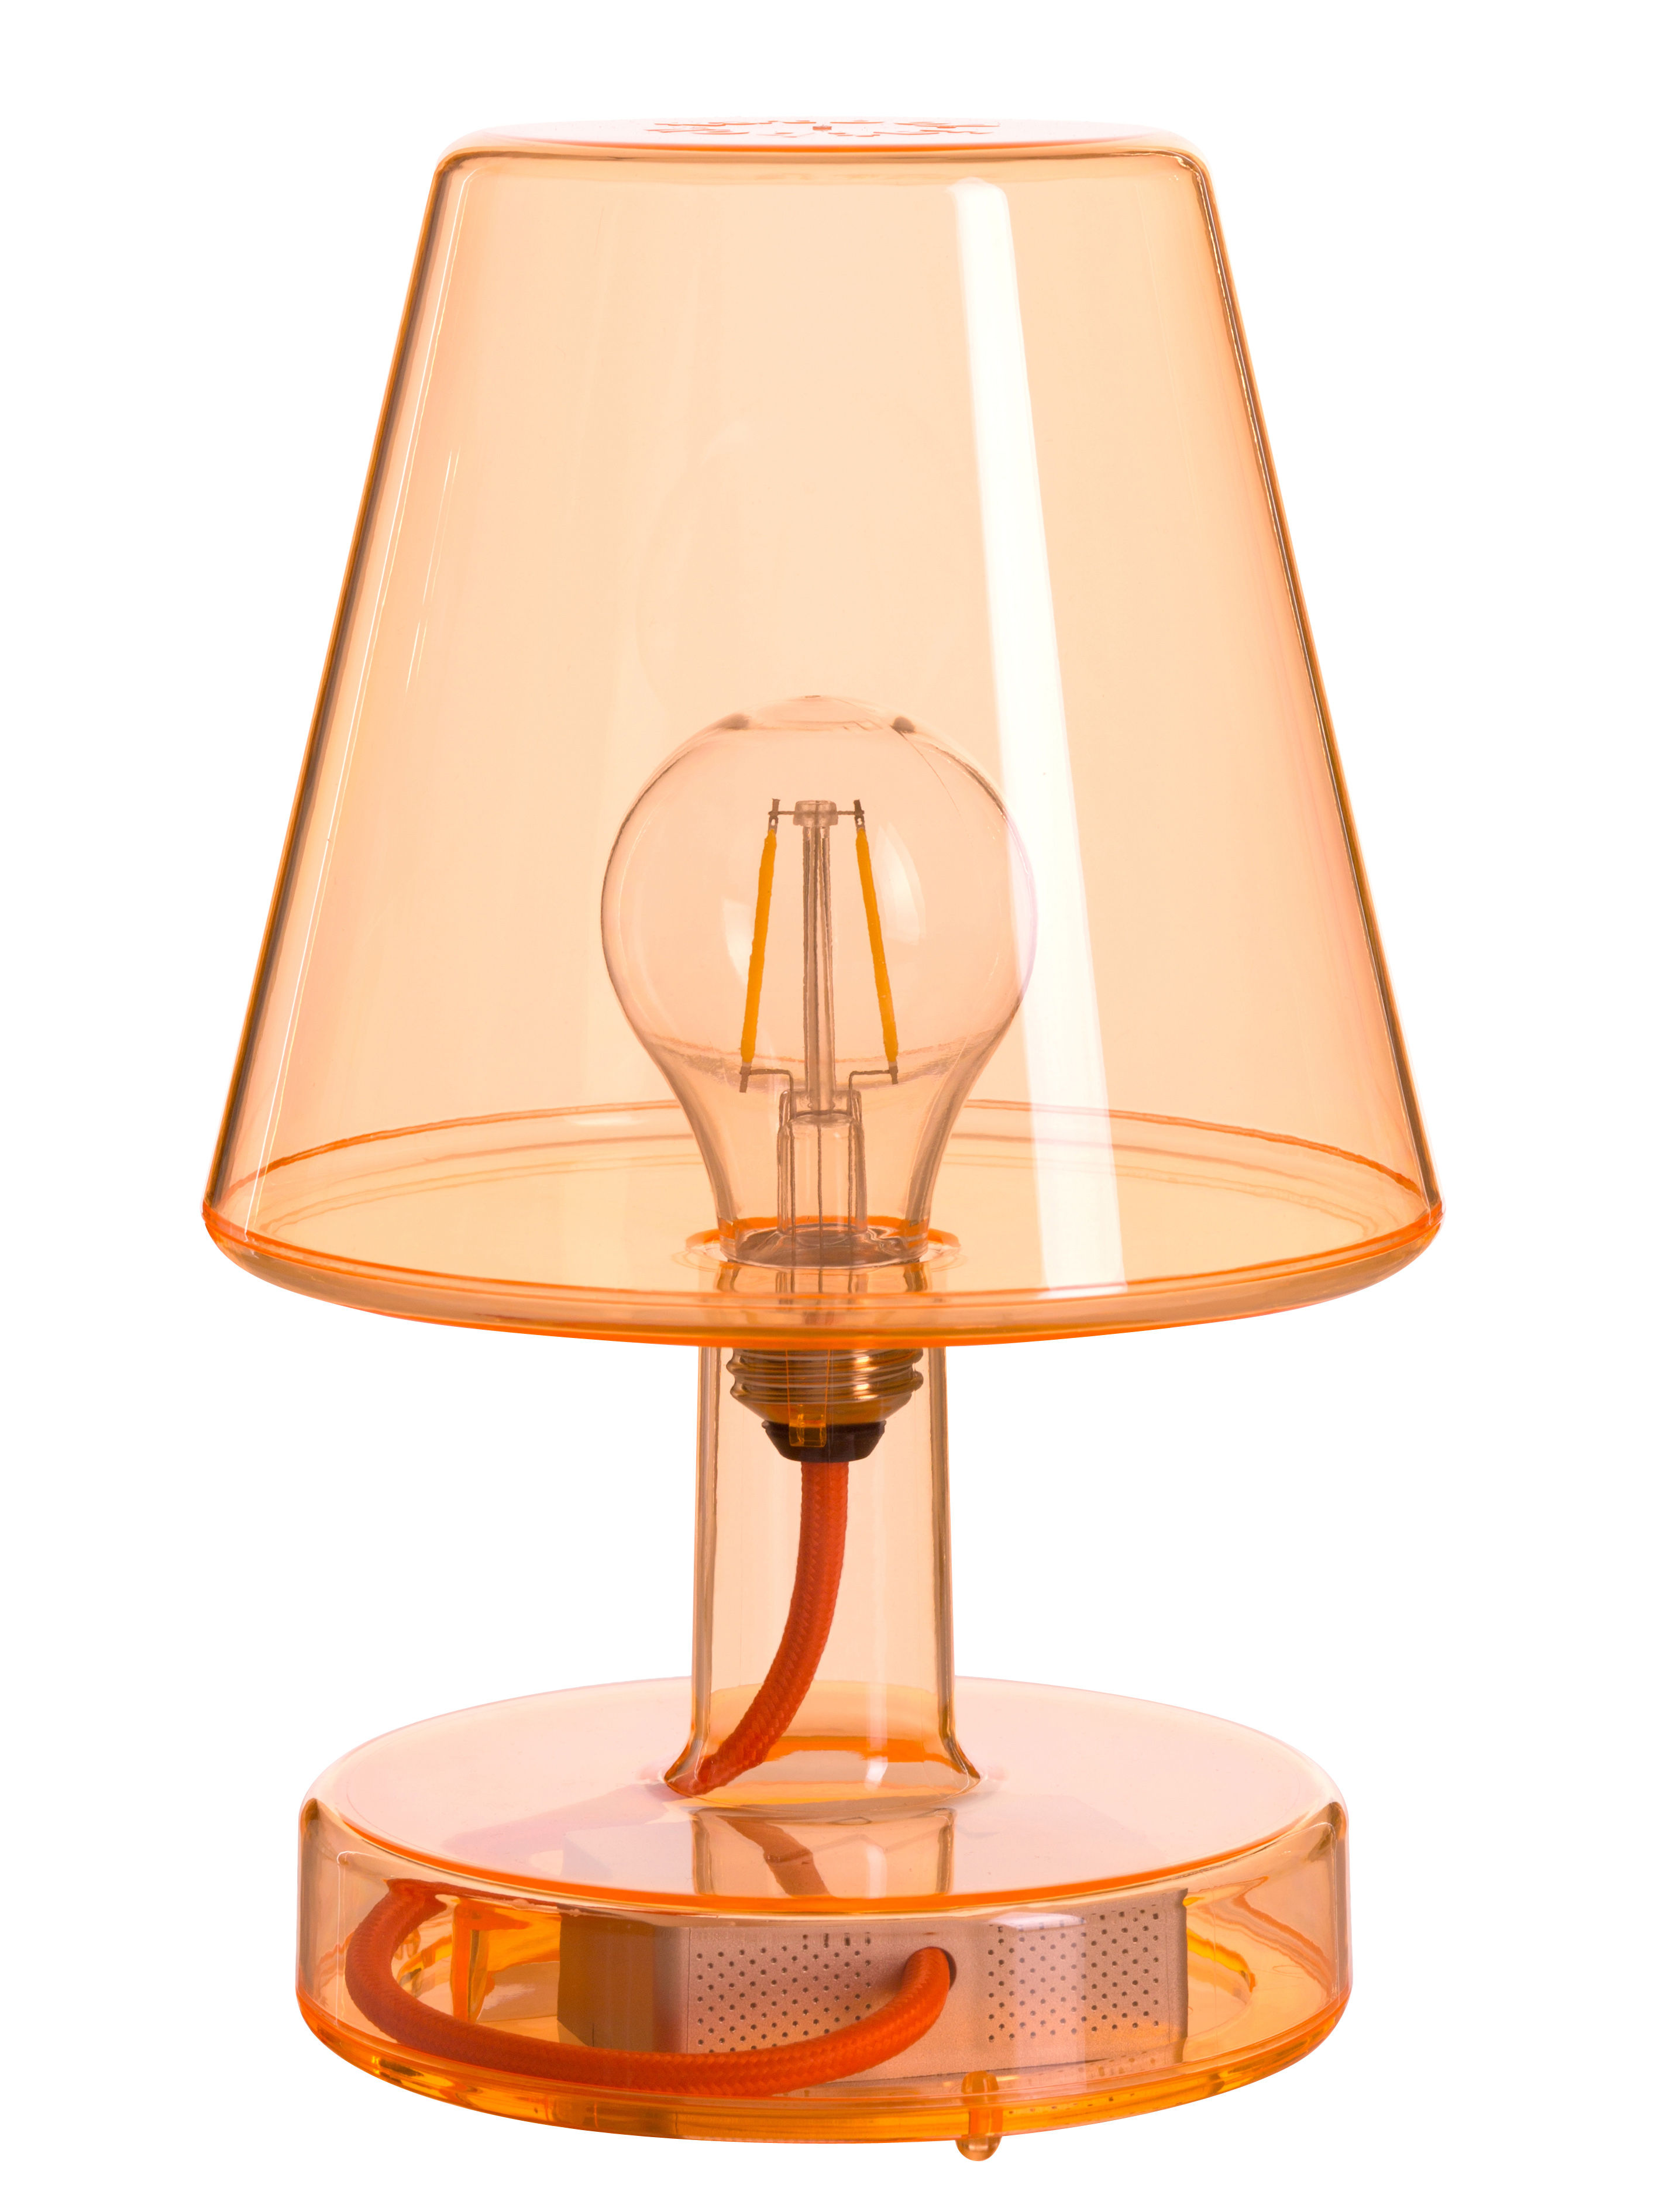 lampe ohne kabel transloetje von fatboy orange h 25 5 made in design. Black Bedroom Furniture Sets. Home Design Ideas